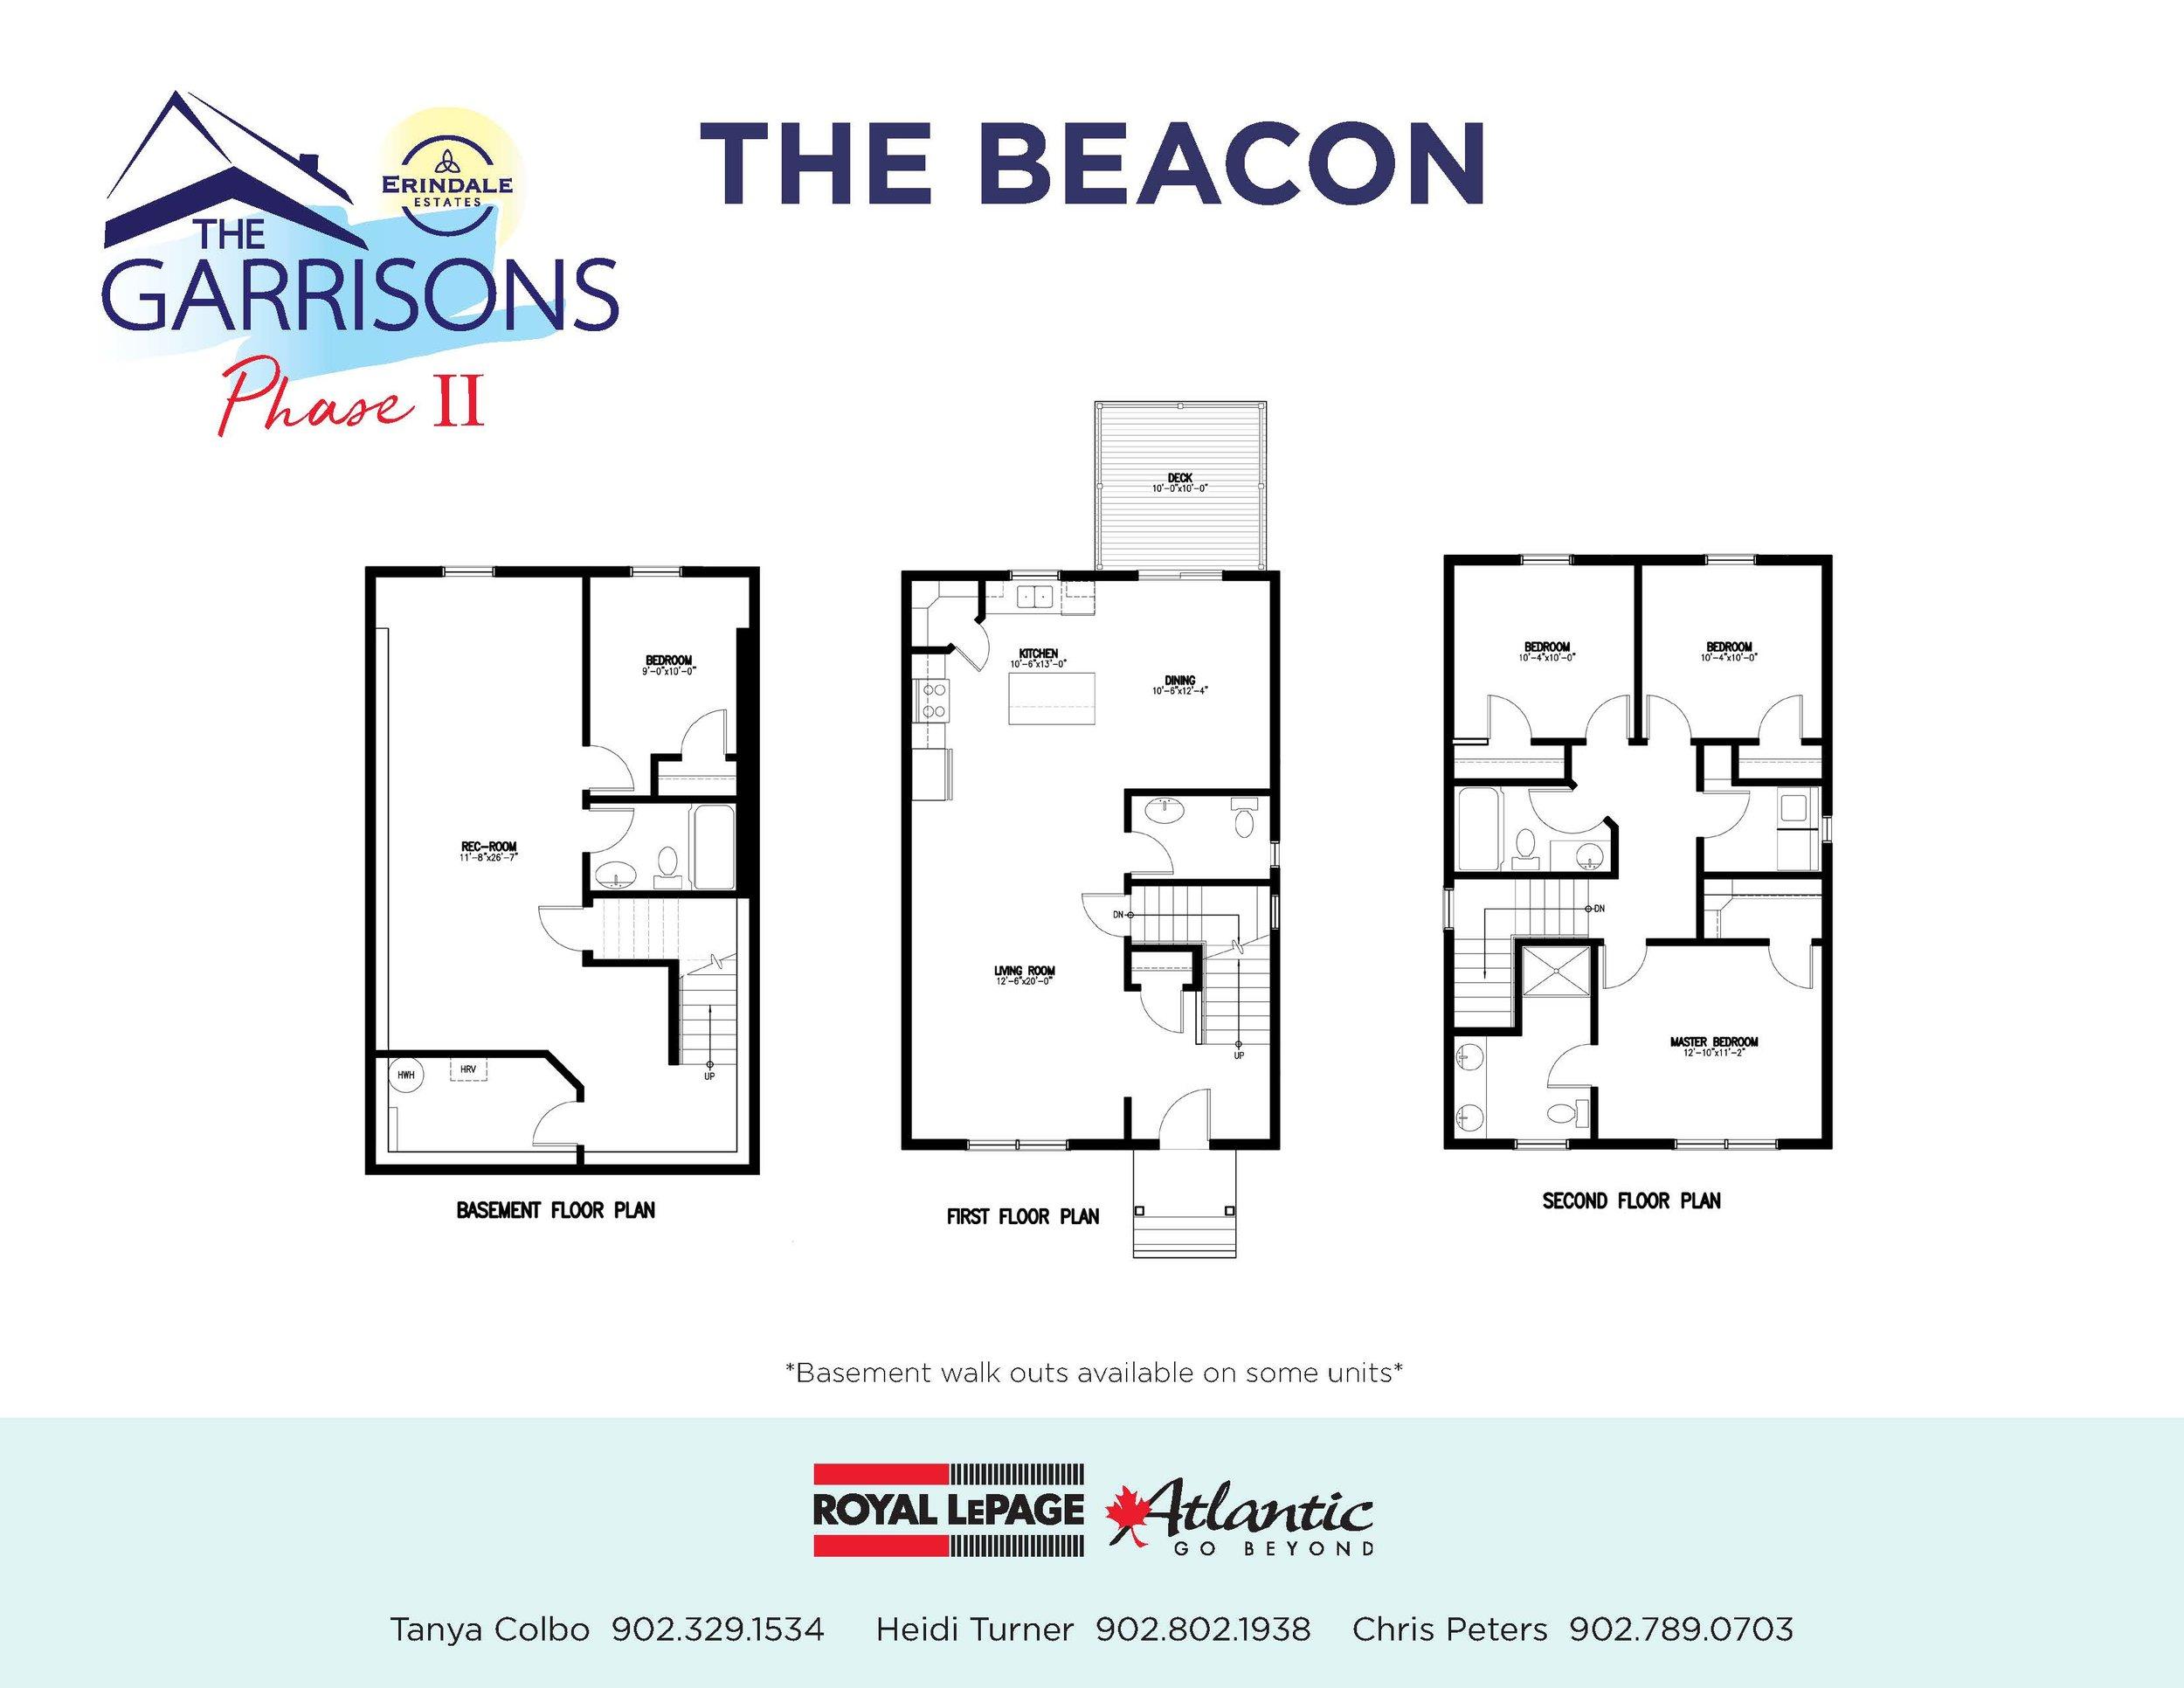 Garrison Floor Plans_Phase 2_The Beacon.jpg